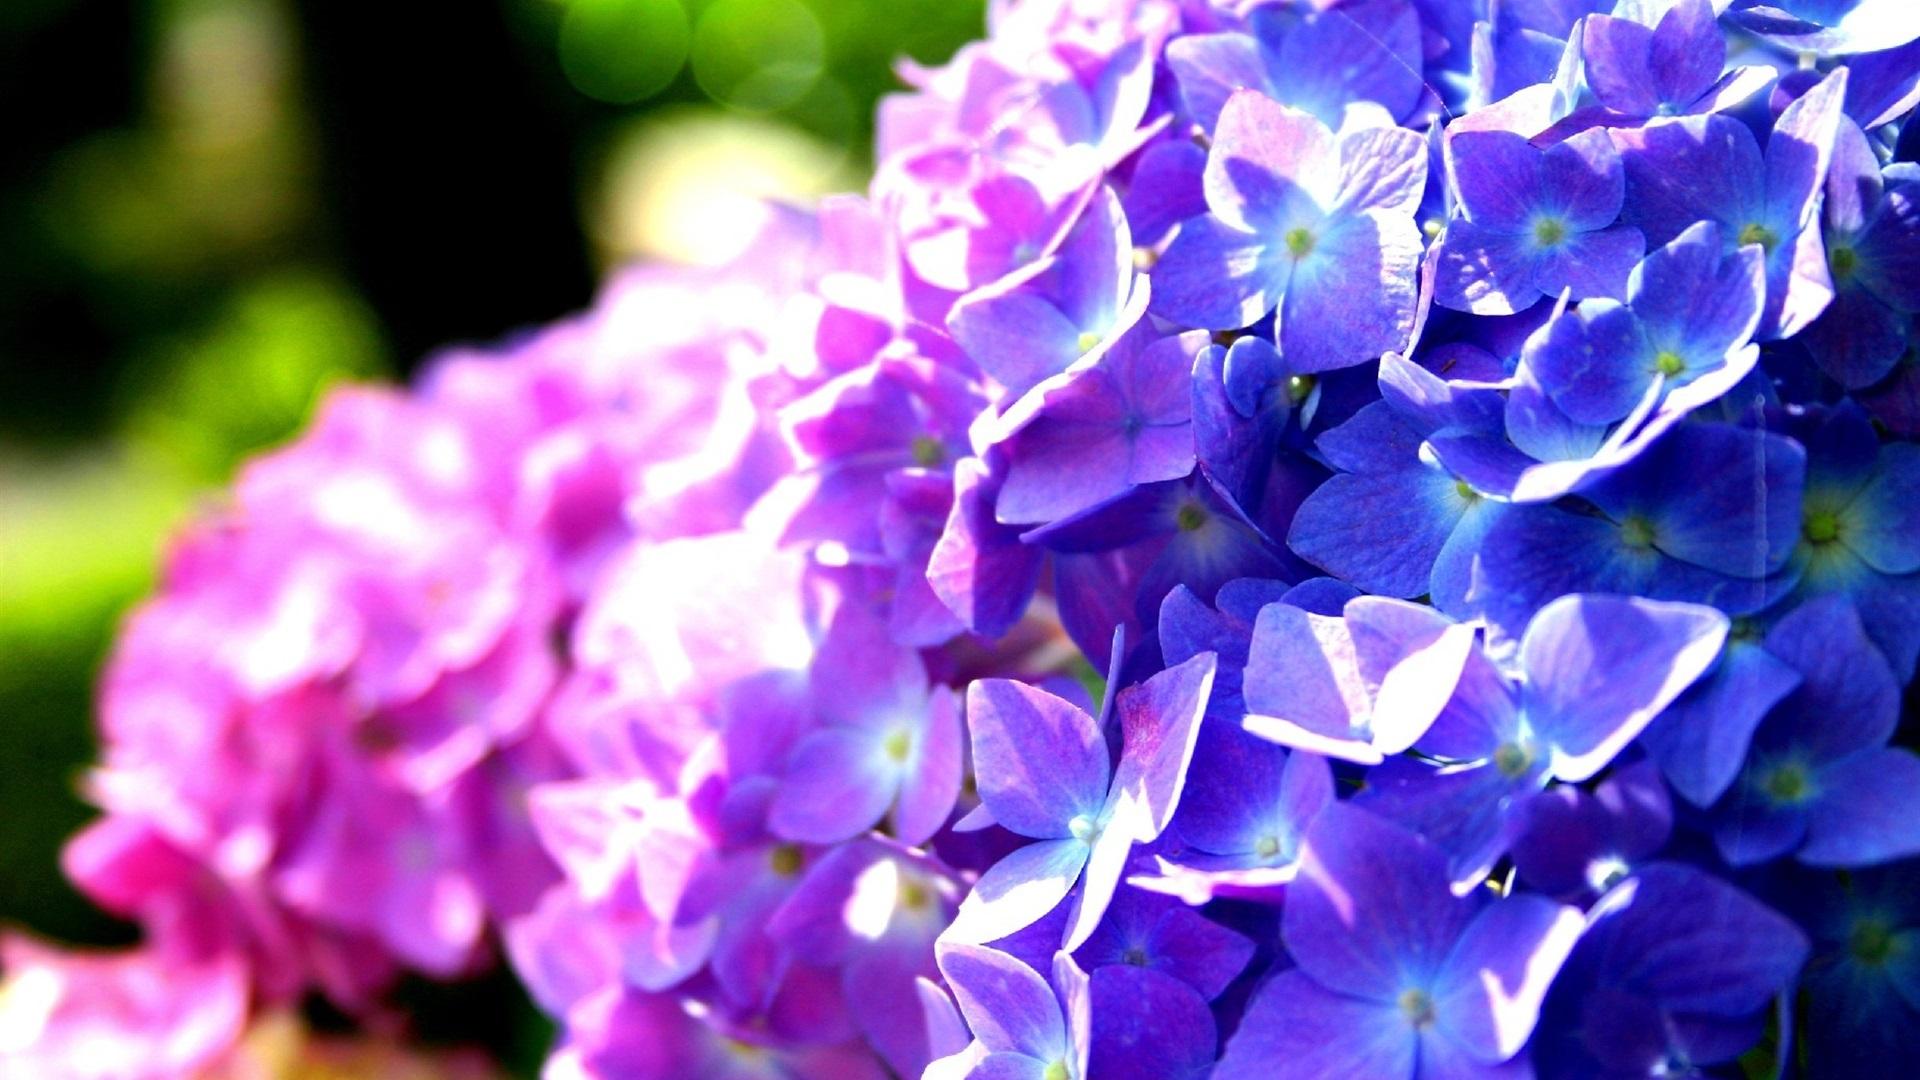 Wallpaper Purple And Blue Hydrangea Flowers 1920x1080 Full Hd 2k